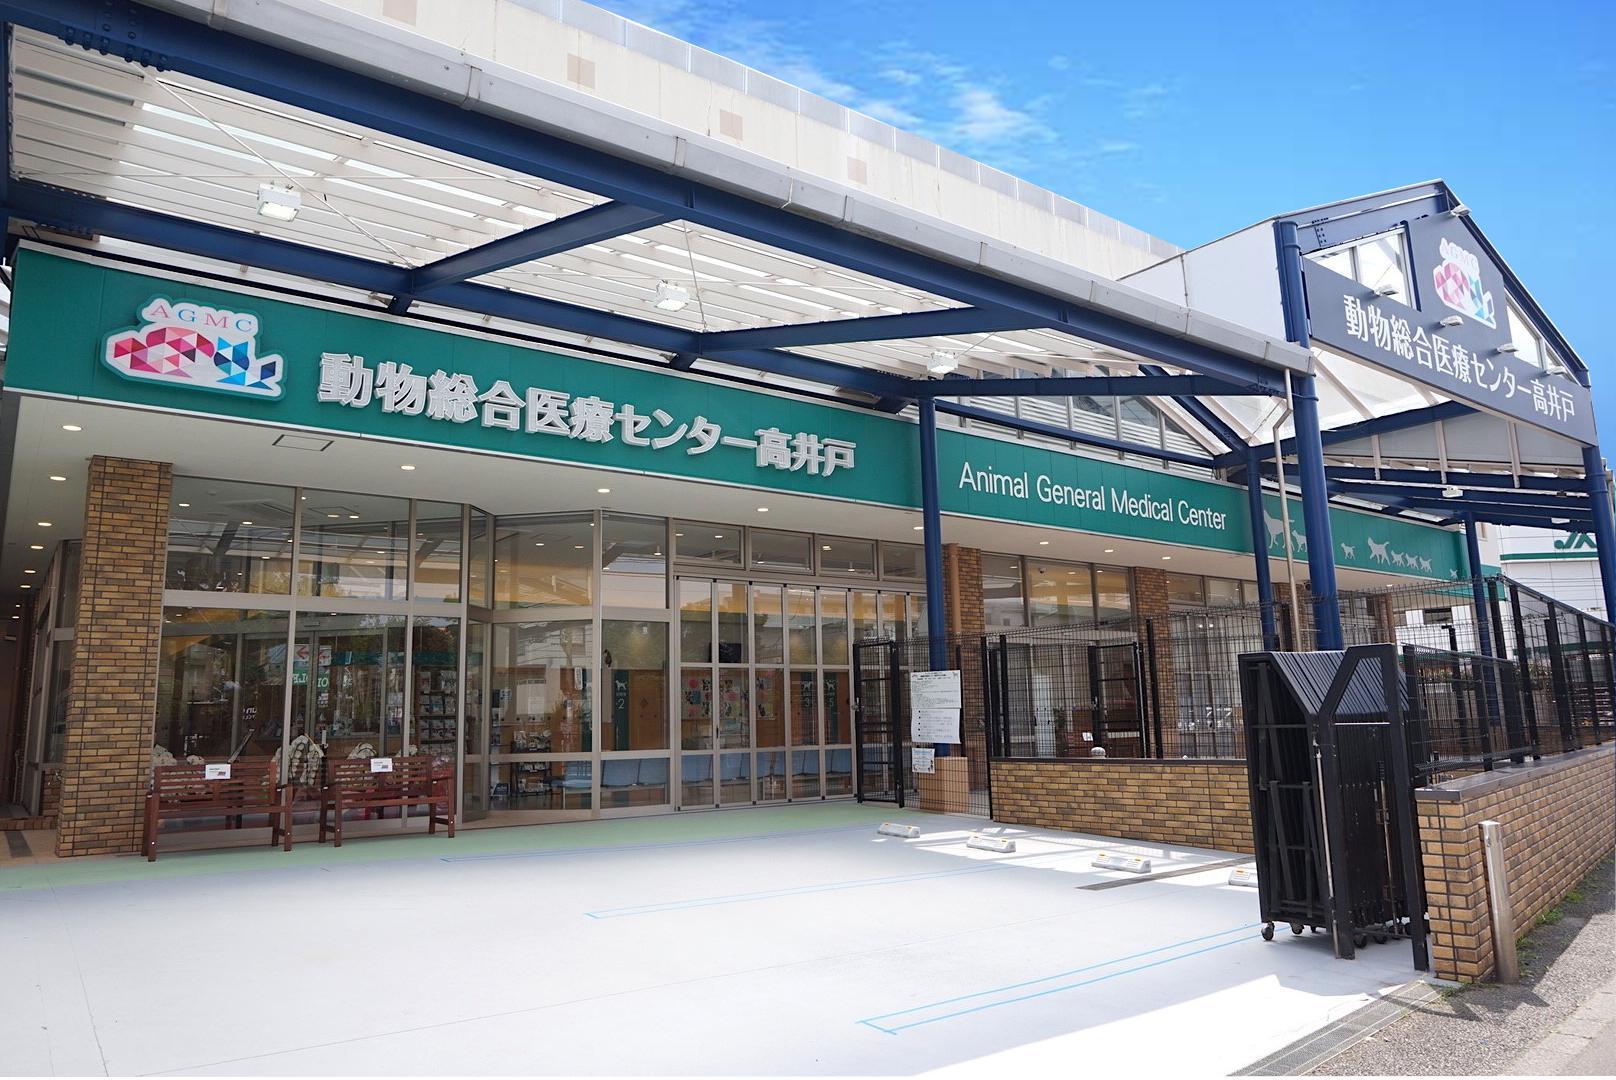 動物総合医療センター高井戸